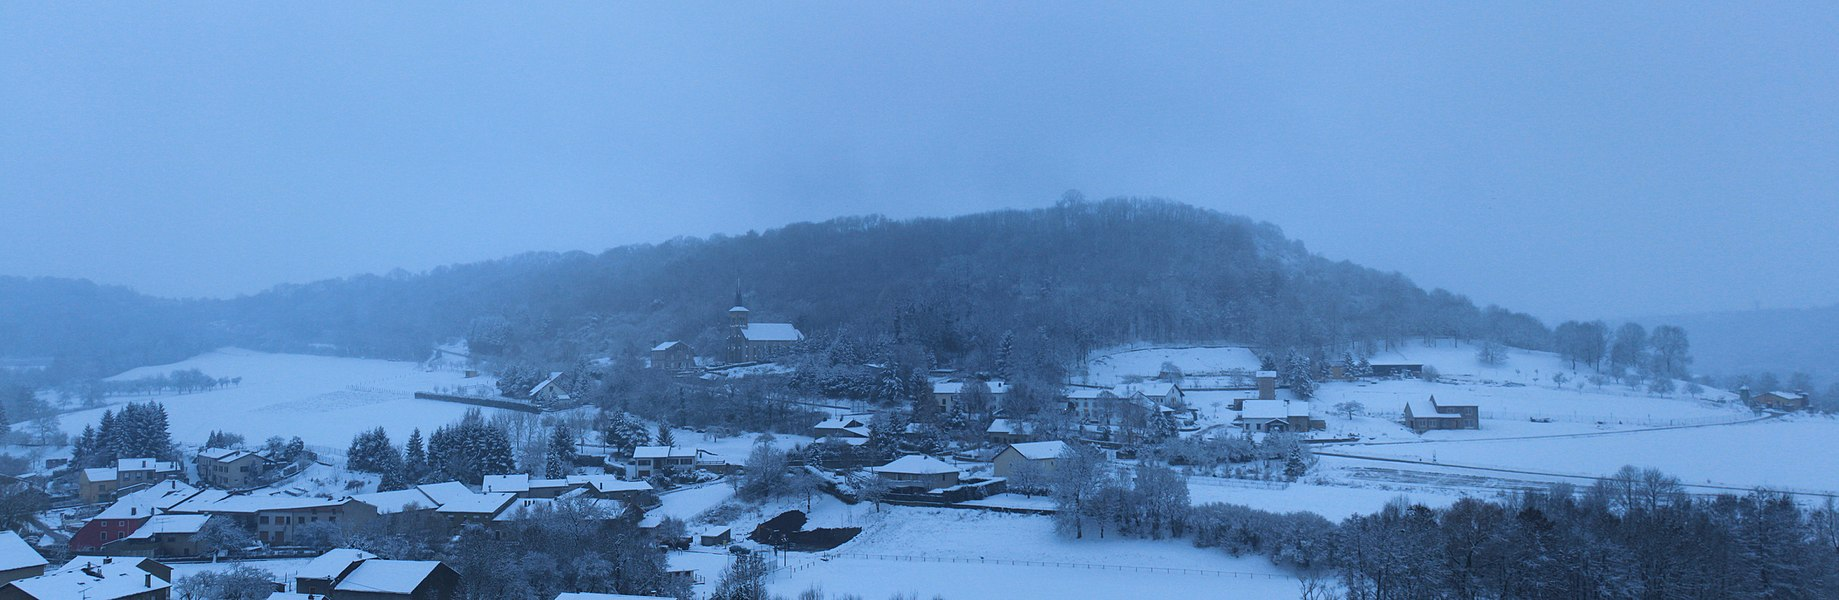 Montenach under snow